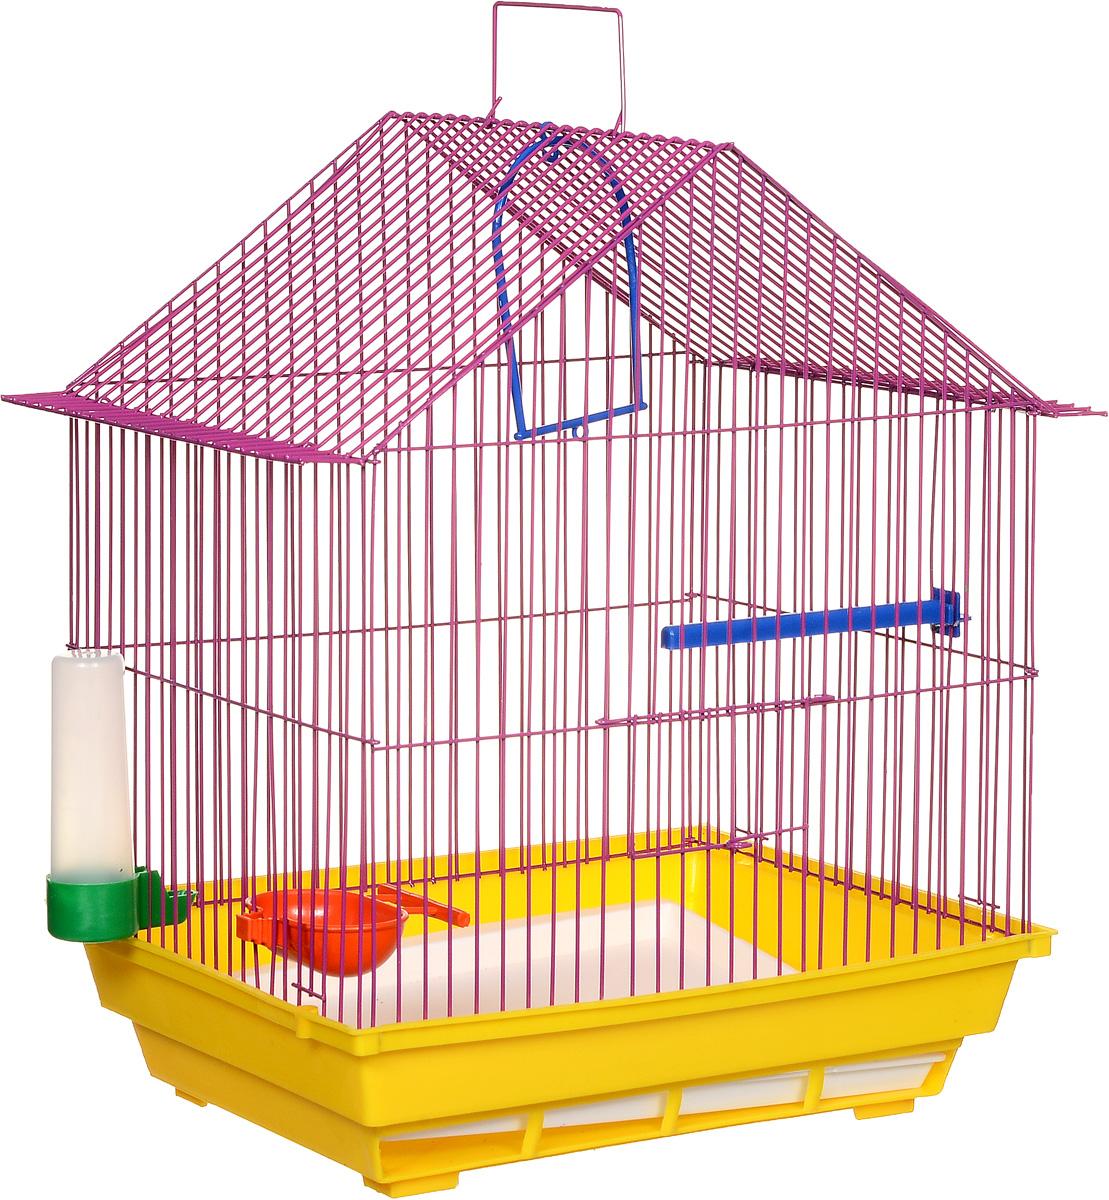 Клетка для птиц ЗооМарк, цвет: желтый поддон, фиолетовая решетка, 39 х 28 х 42 см410ЖФКлетка ЗооМарк, выполненная из полипропилена и металла, предназначена для мелких птиц. Изделие состоит из большого поддона и решетки. Клетка снабжена металлической дверцей. В основании клетки находится малый поддон. Клетка удобна в использовании и легко чистится. Она оснащена кольцом для птицы, поилкой, кормушкой и подвижной ручкой для удобной переноски.